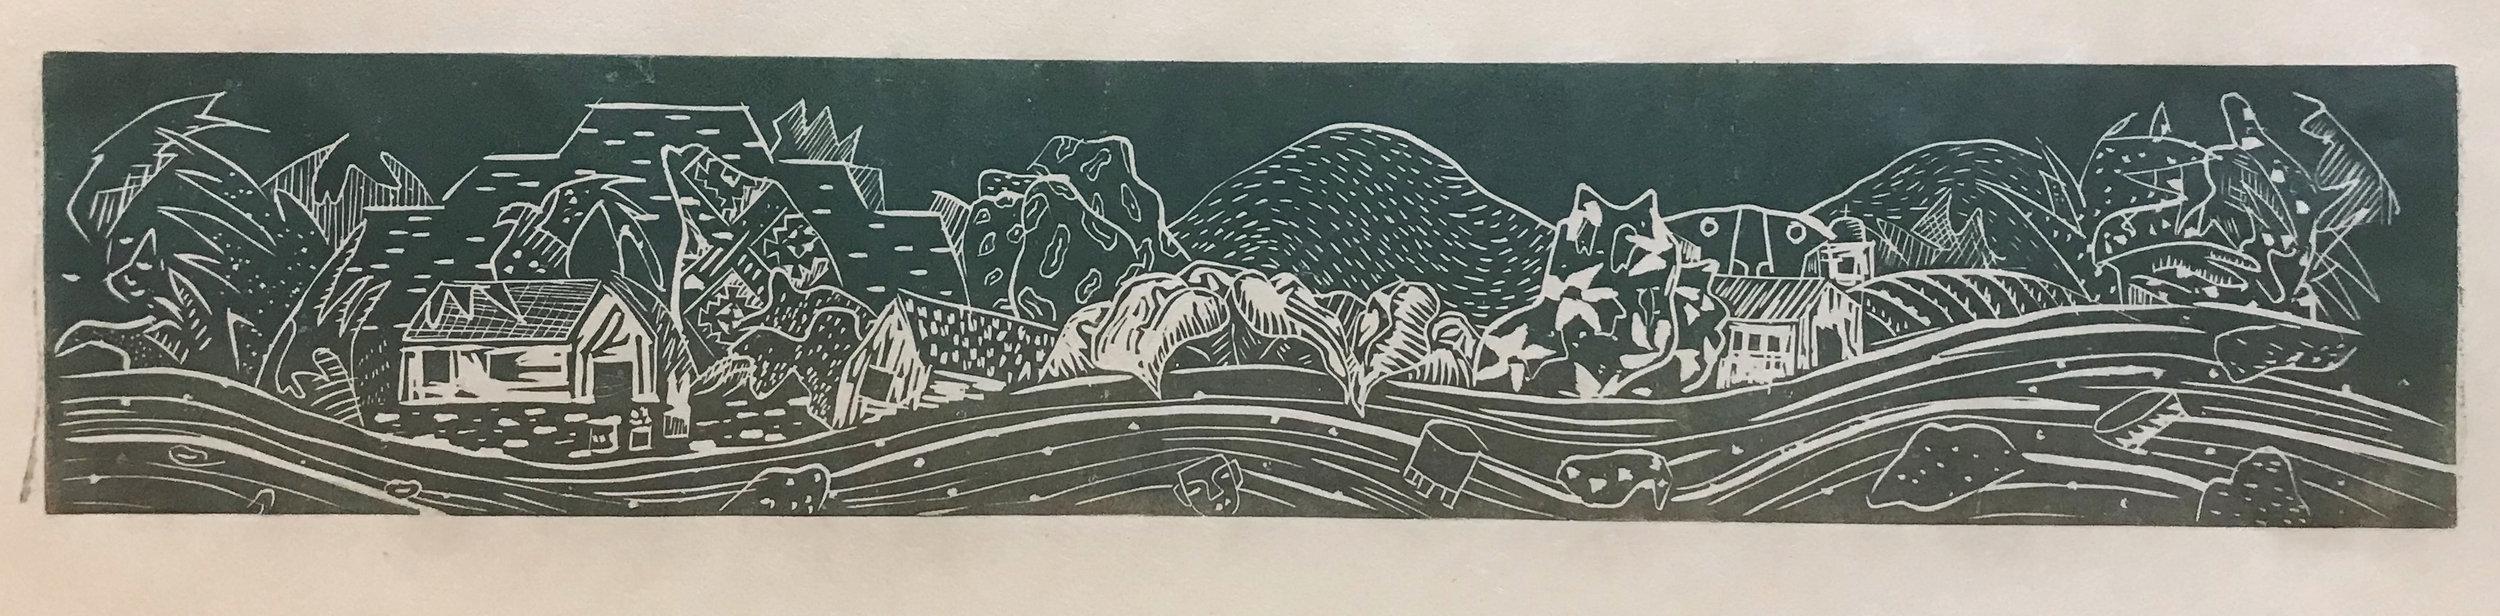 Luis Navas-Reyes, untitled, Relief, 8.5 x 20.5 in., $160 PROMO.jpg